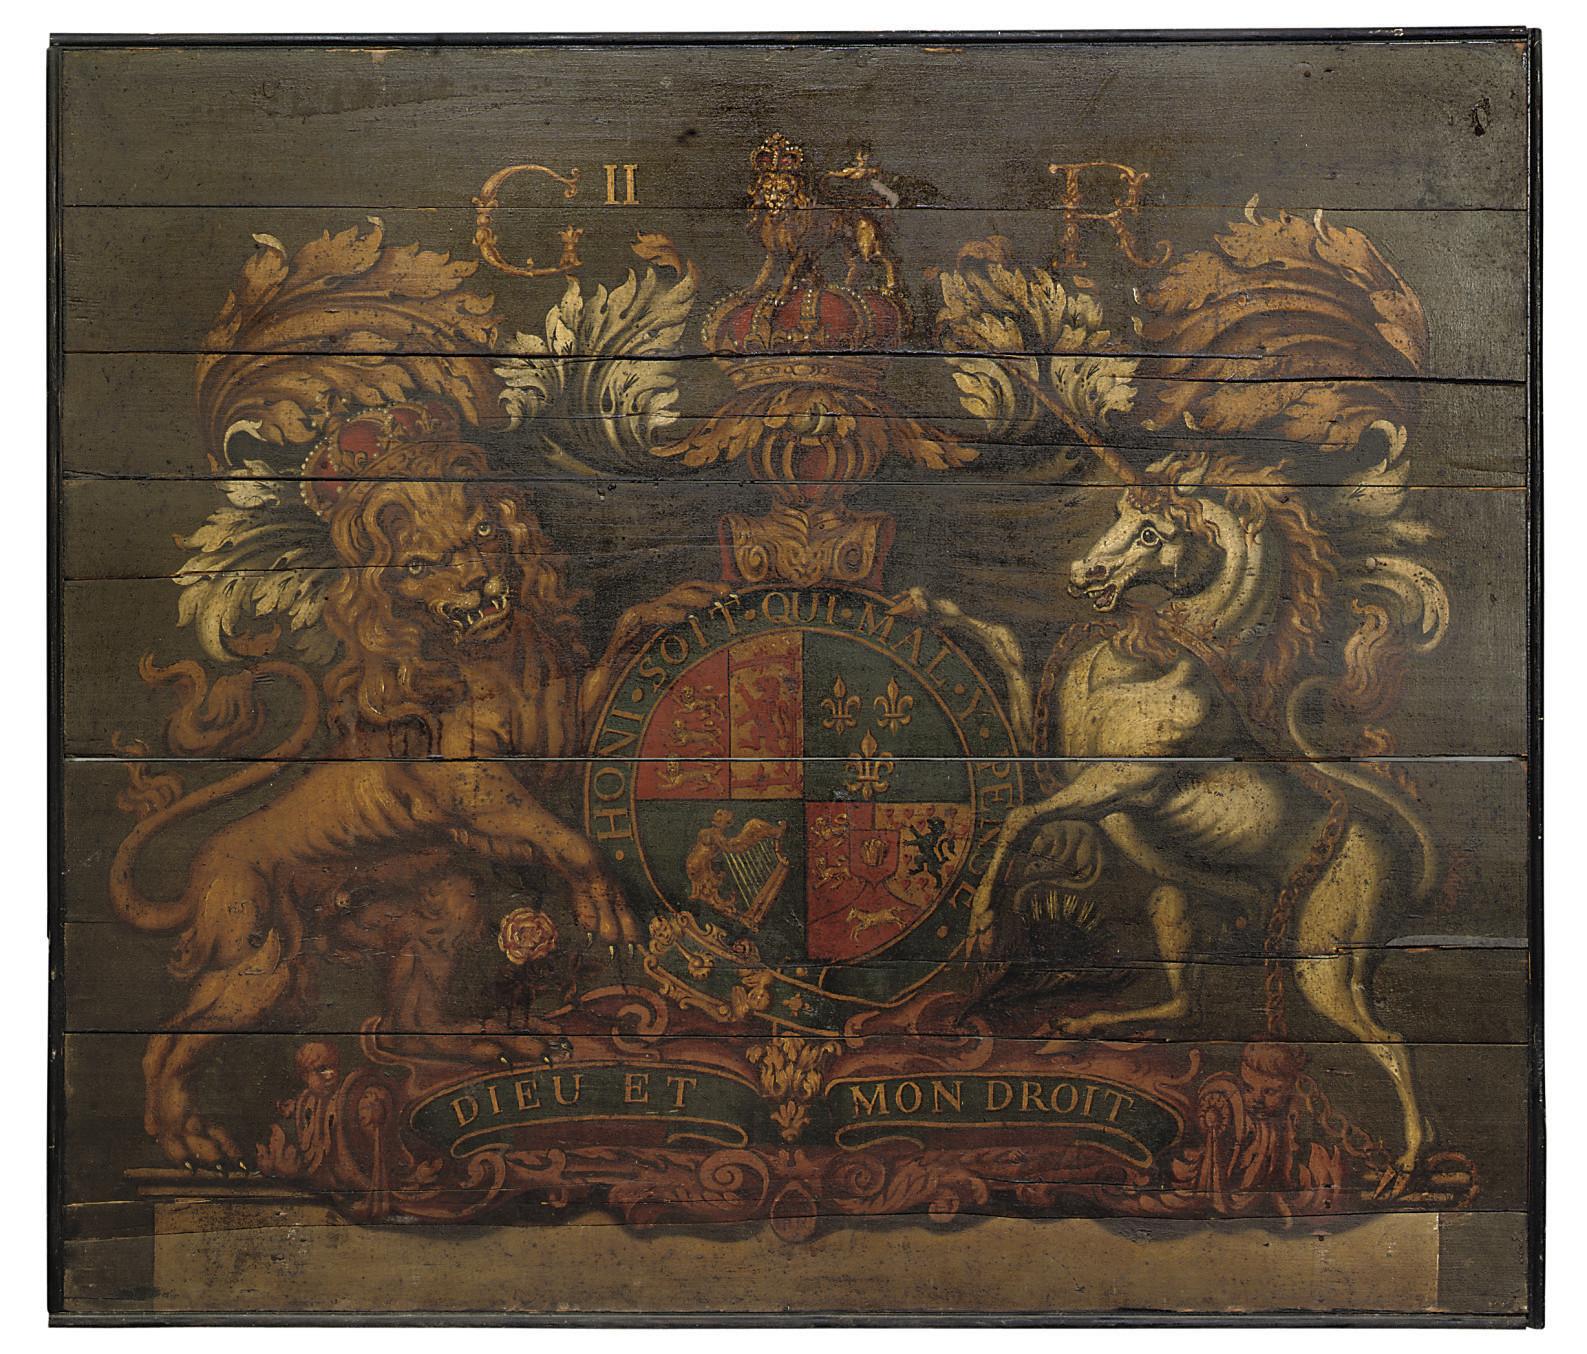 A GEORGE II PAINTED WOOD ROYAL